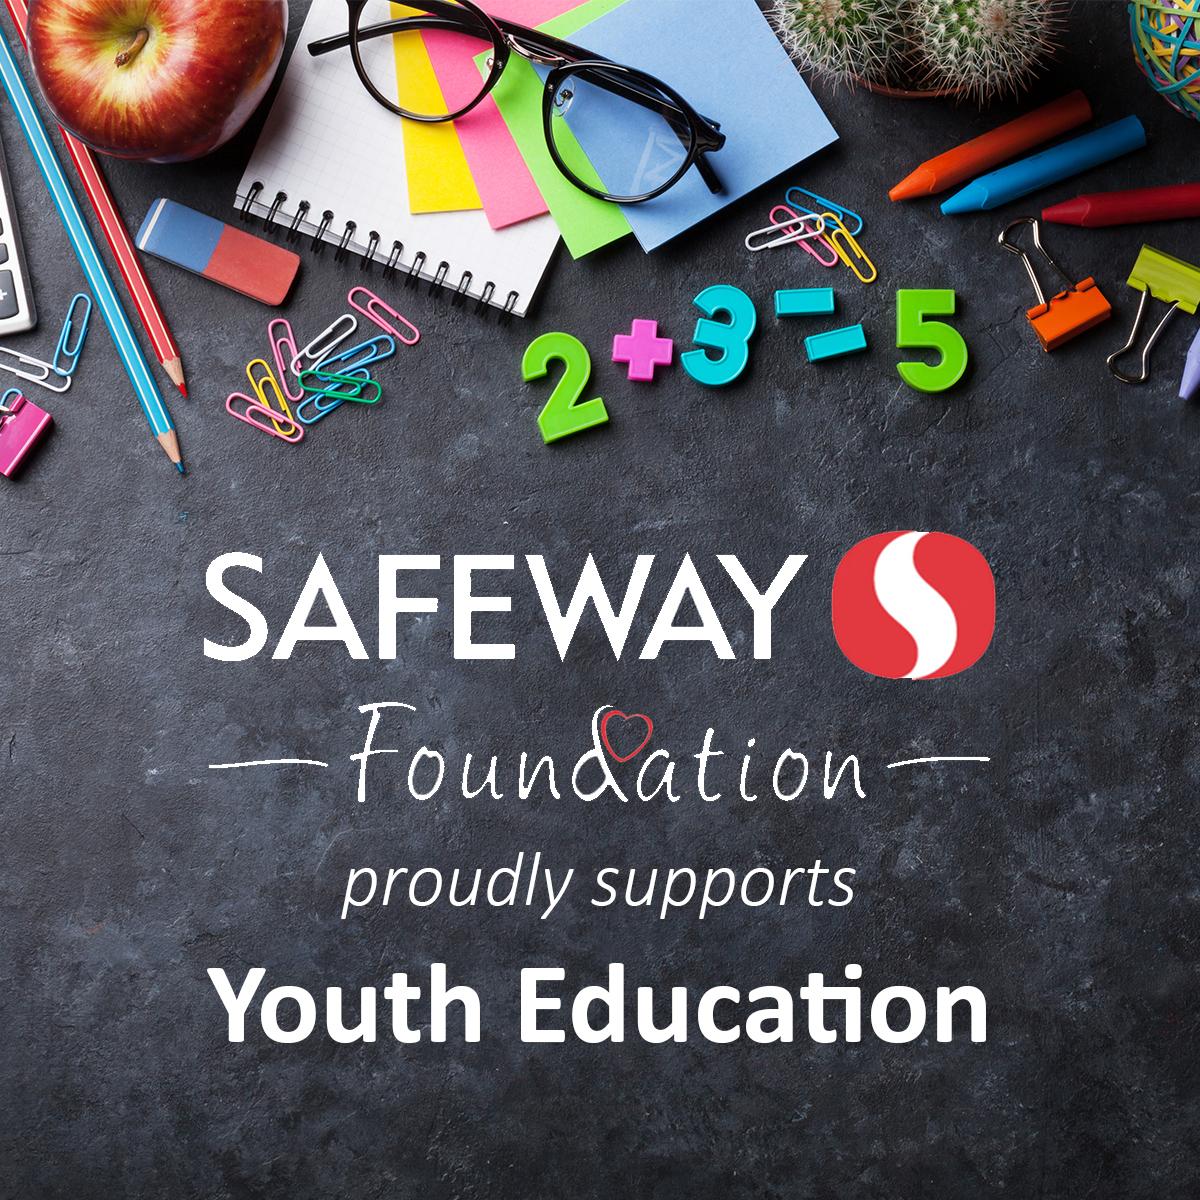 Safeway Foundation_Education (1).jpg